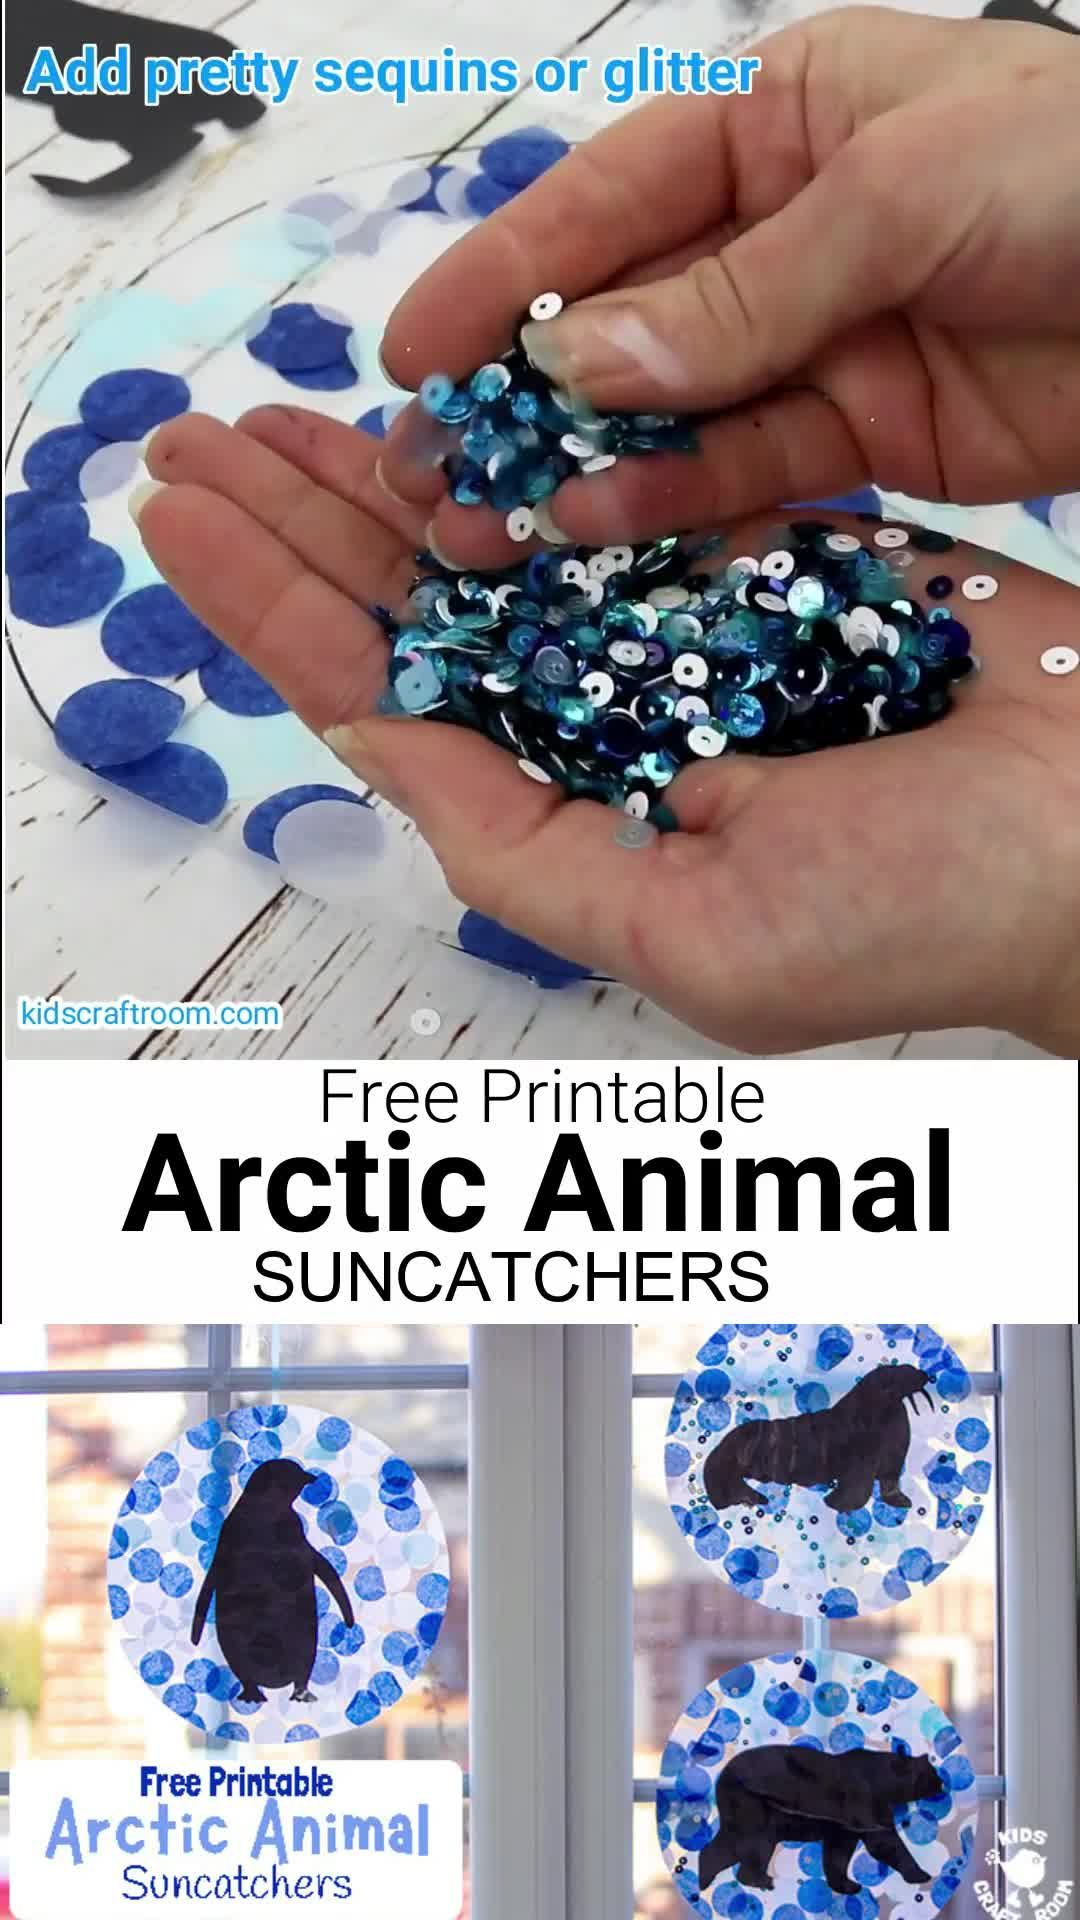 Arctic Animal Suncatchers